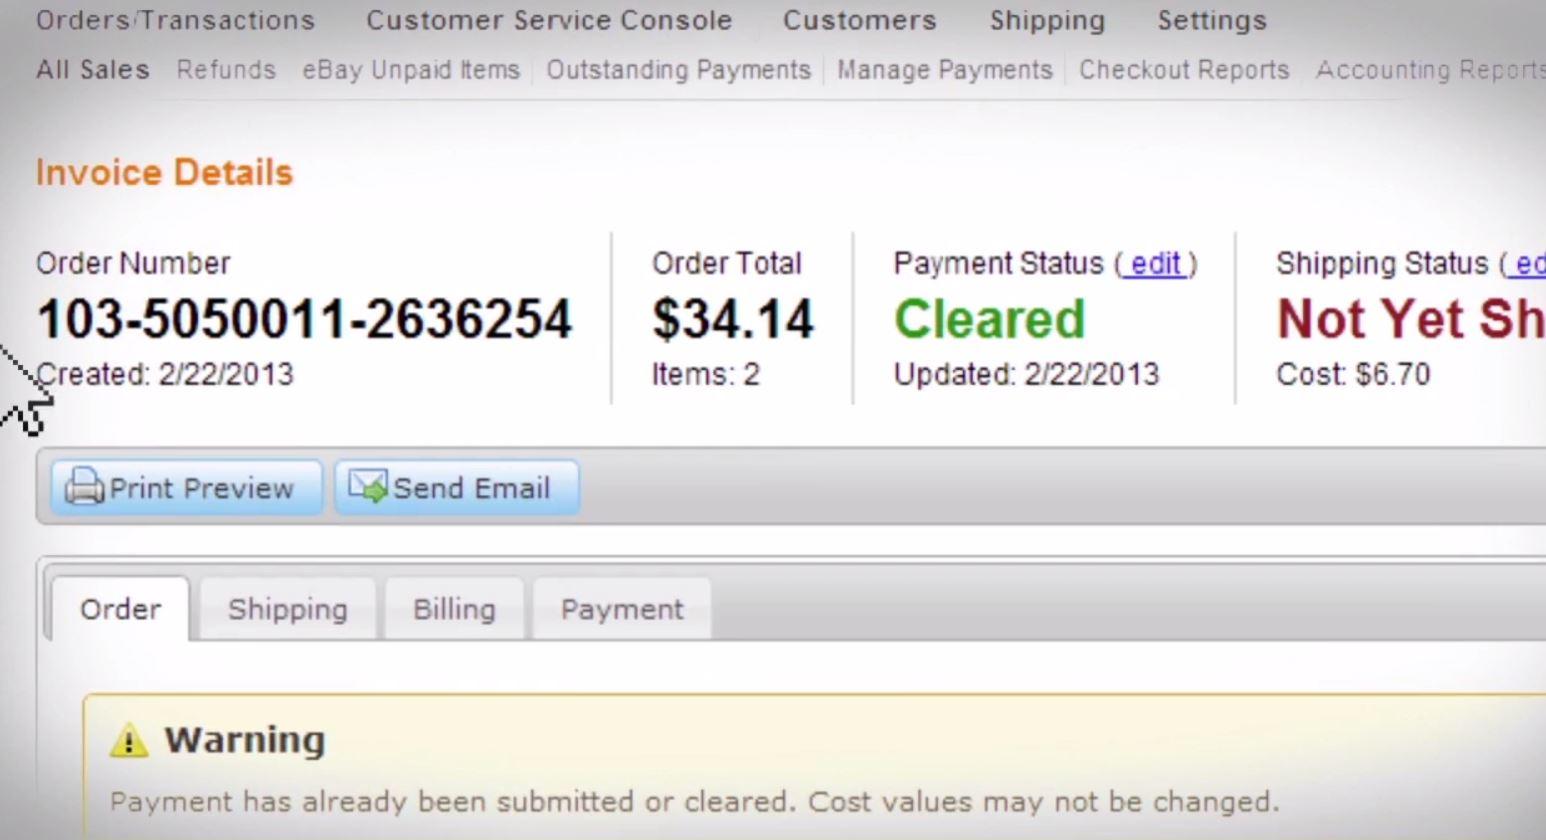 ChannelAdvisor - Order management